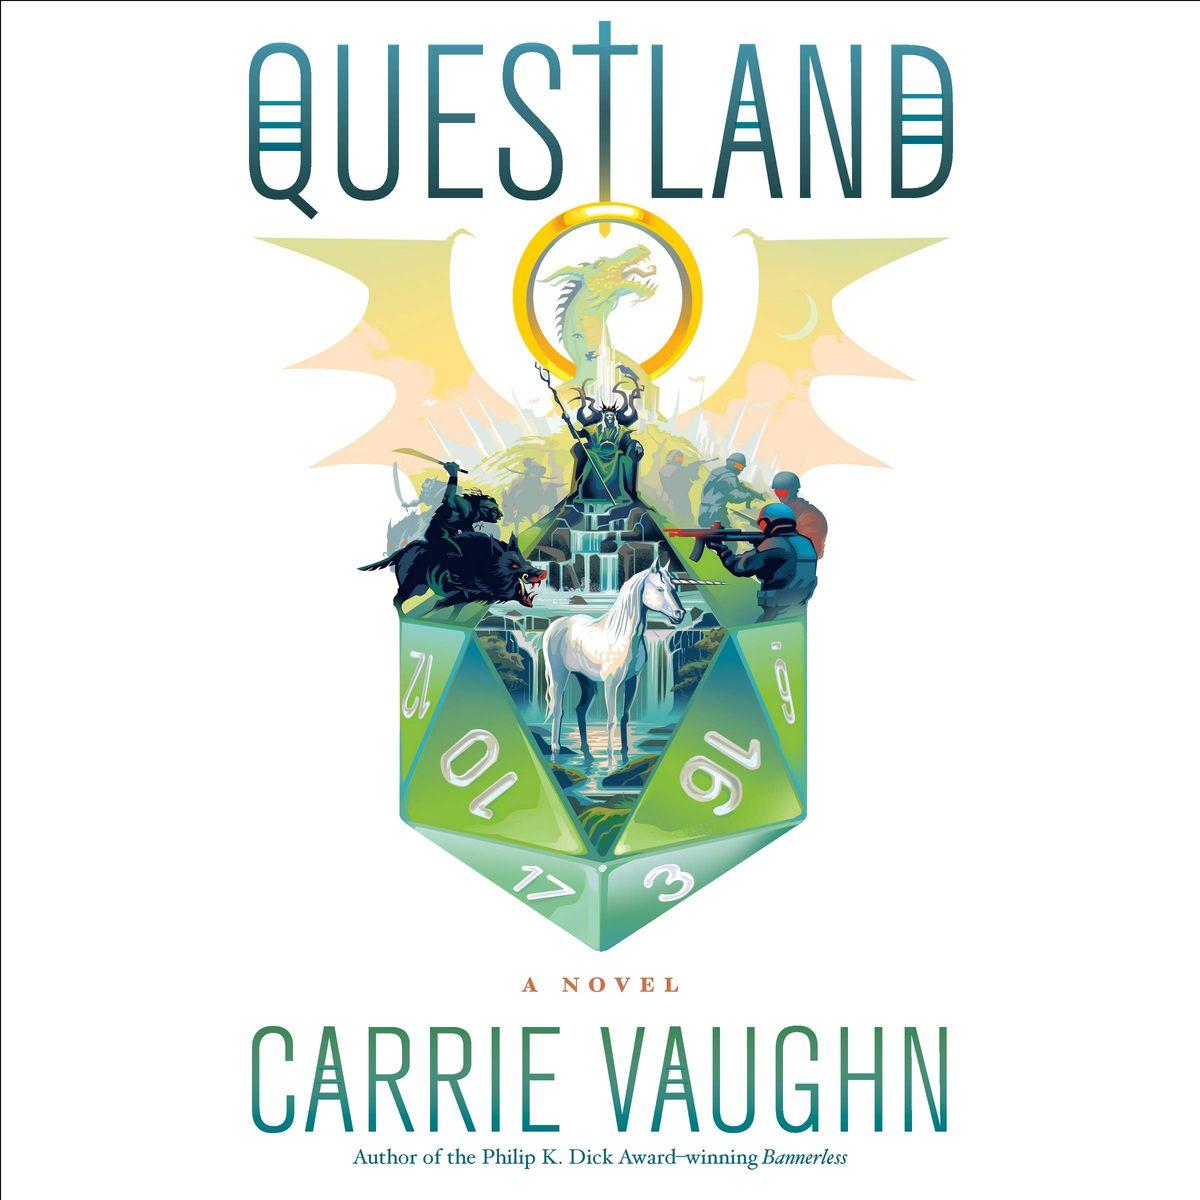 Questland book cover